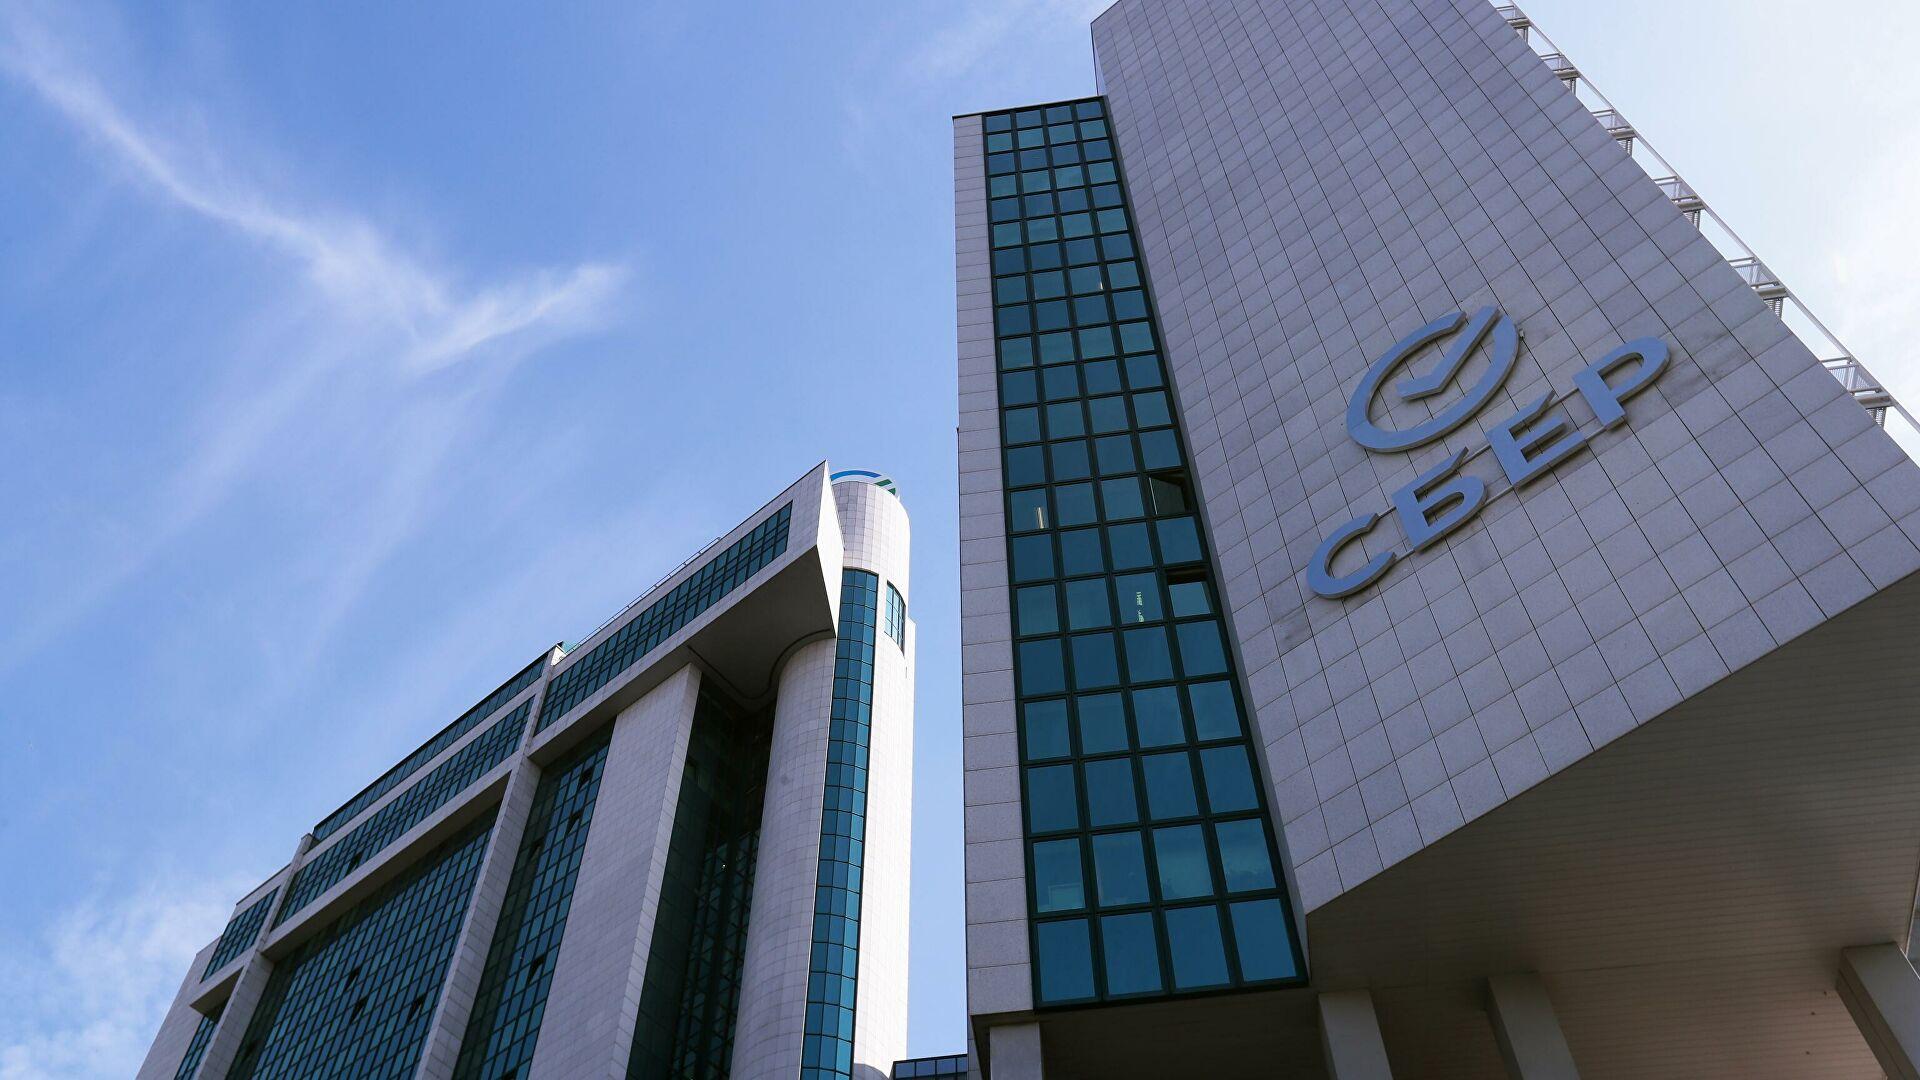 Сбербанк отвоевал контракт на главную ИТ-платформу страны «Гостех»